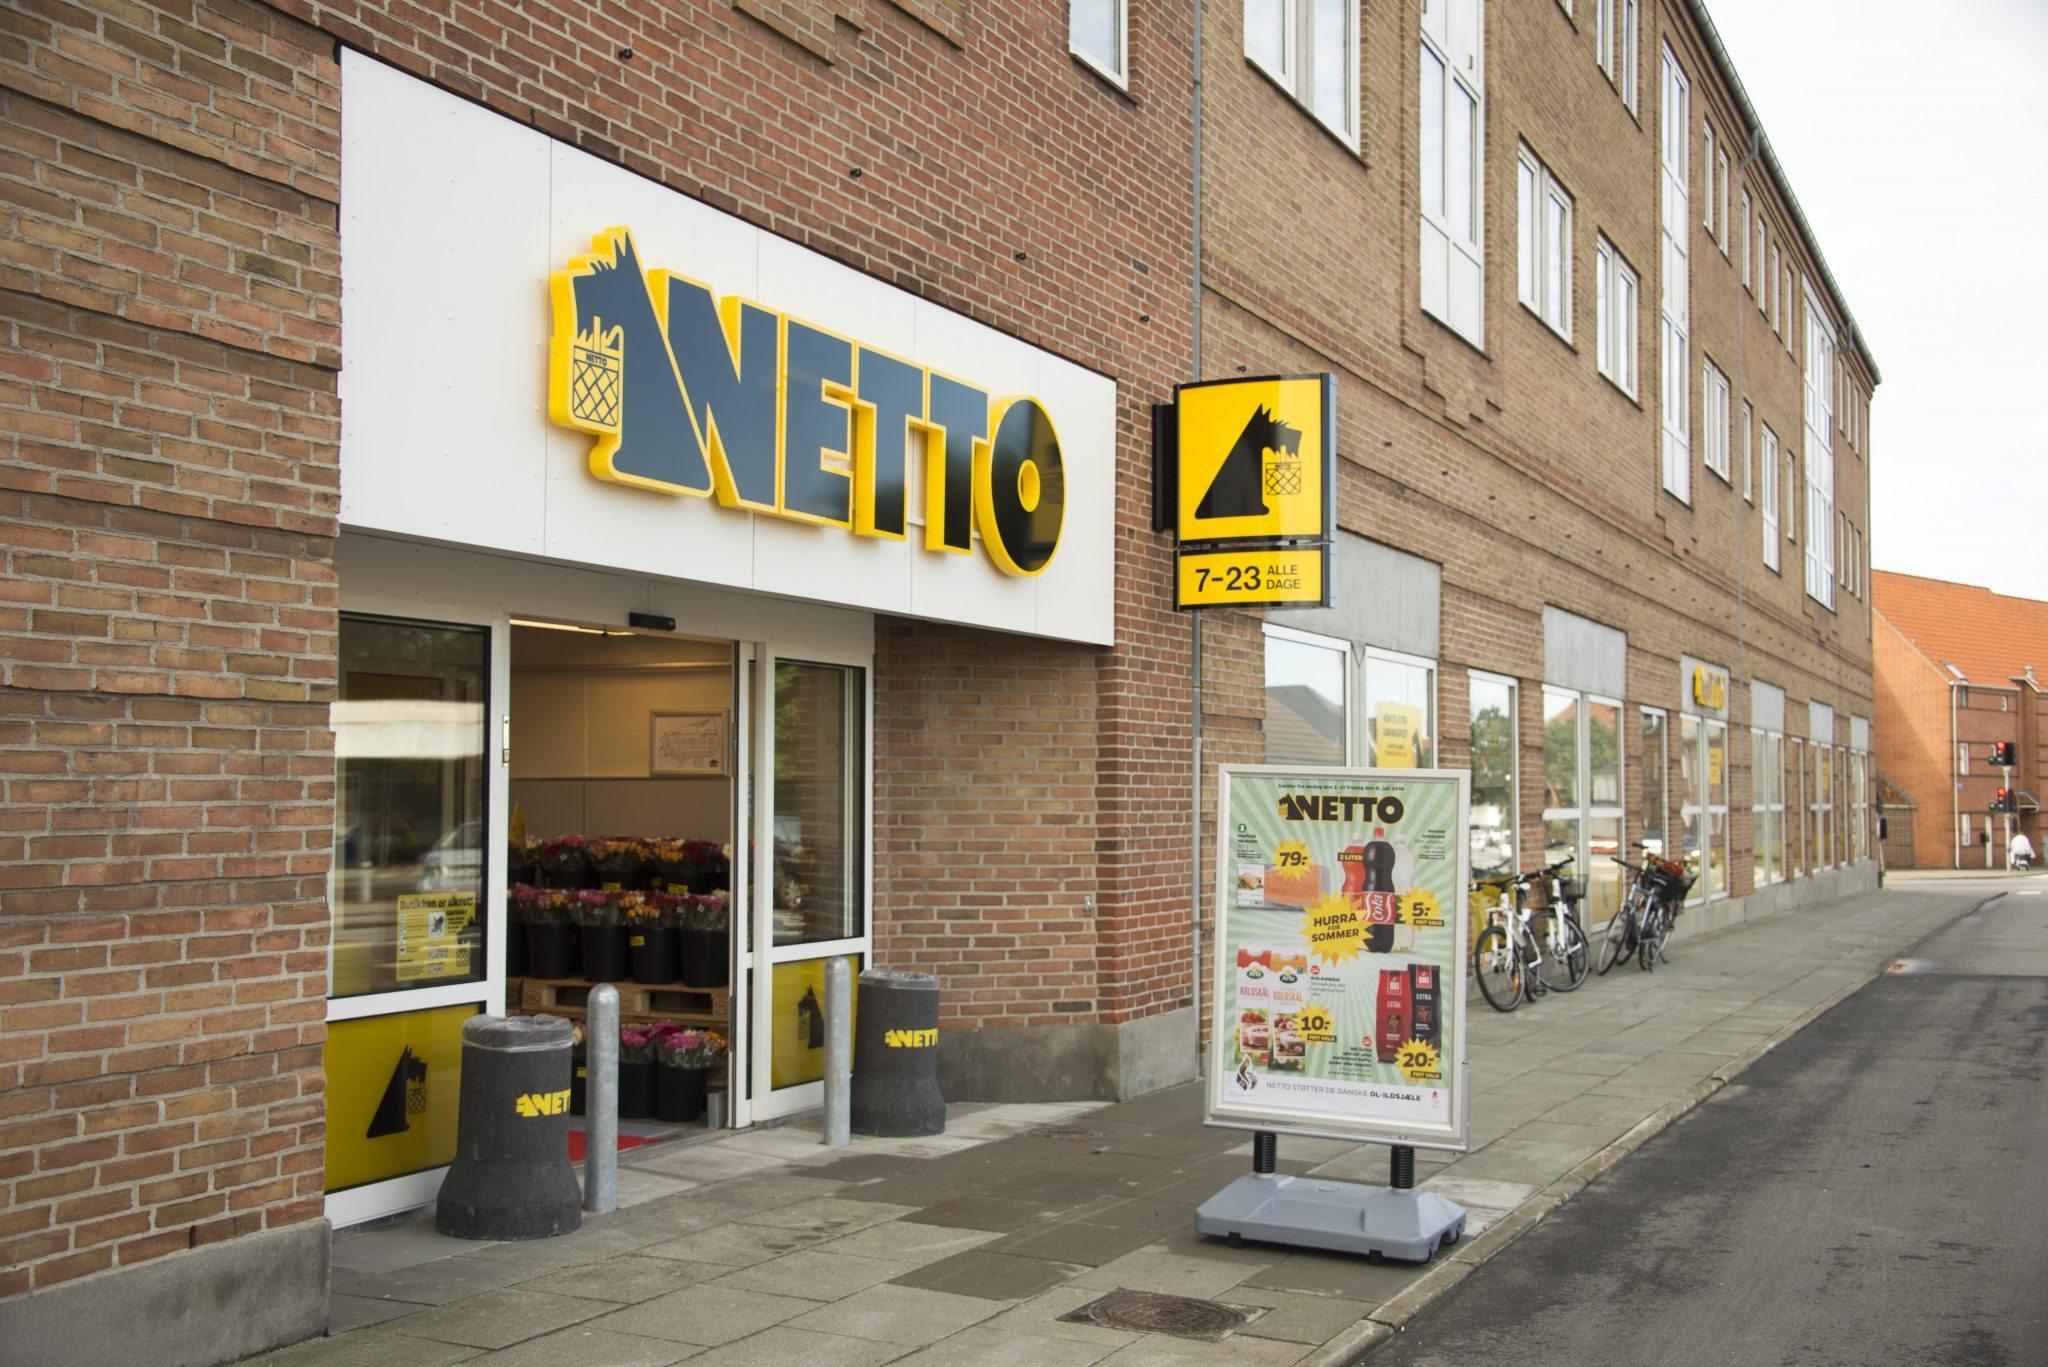 609ff56cee31 Ombygning af Netto Gråsten begynder onsdag - RetailNews